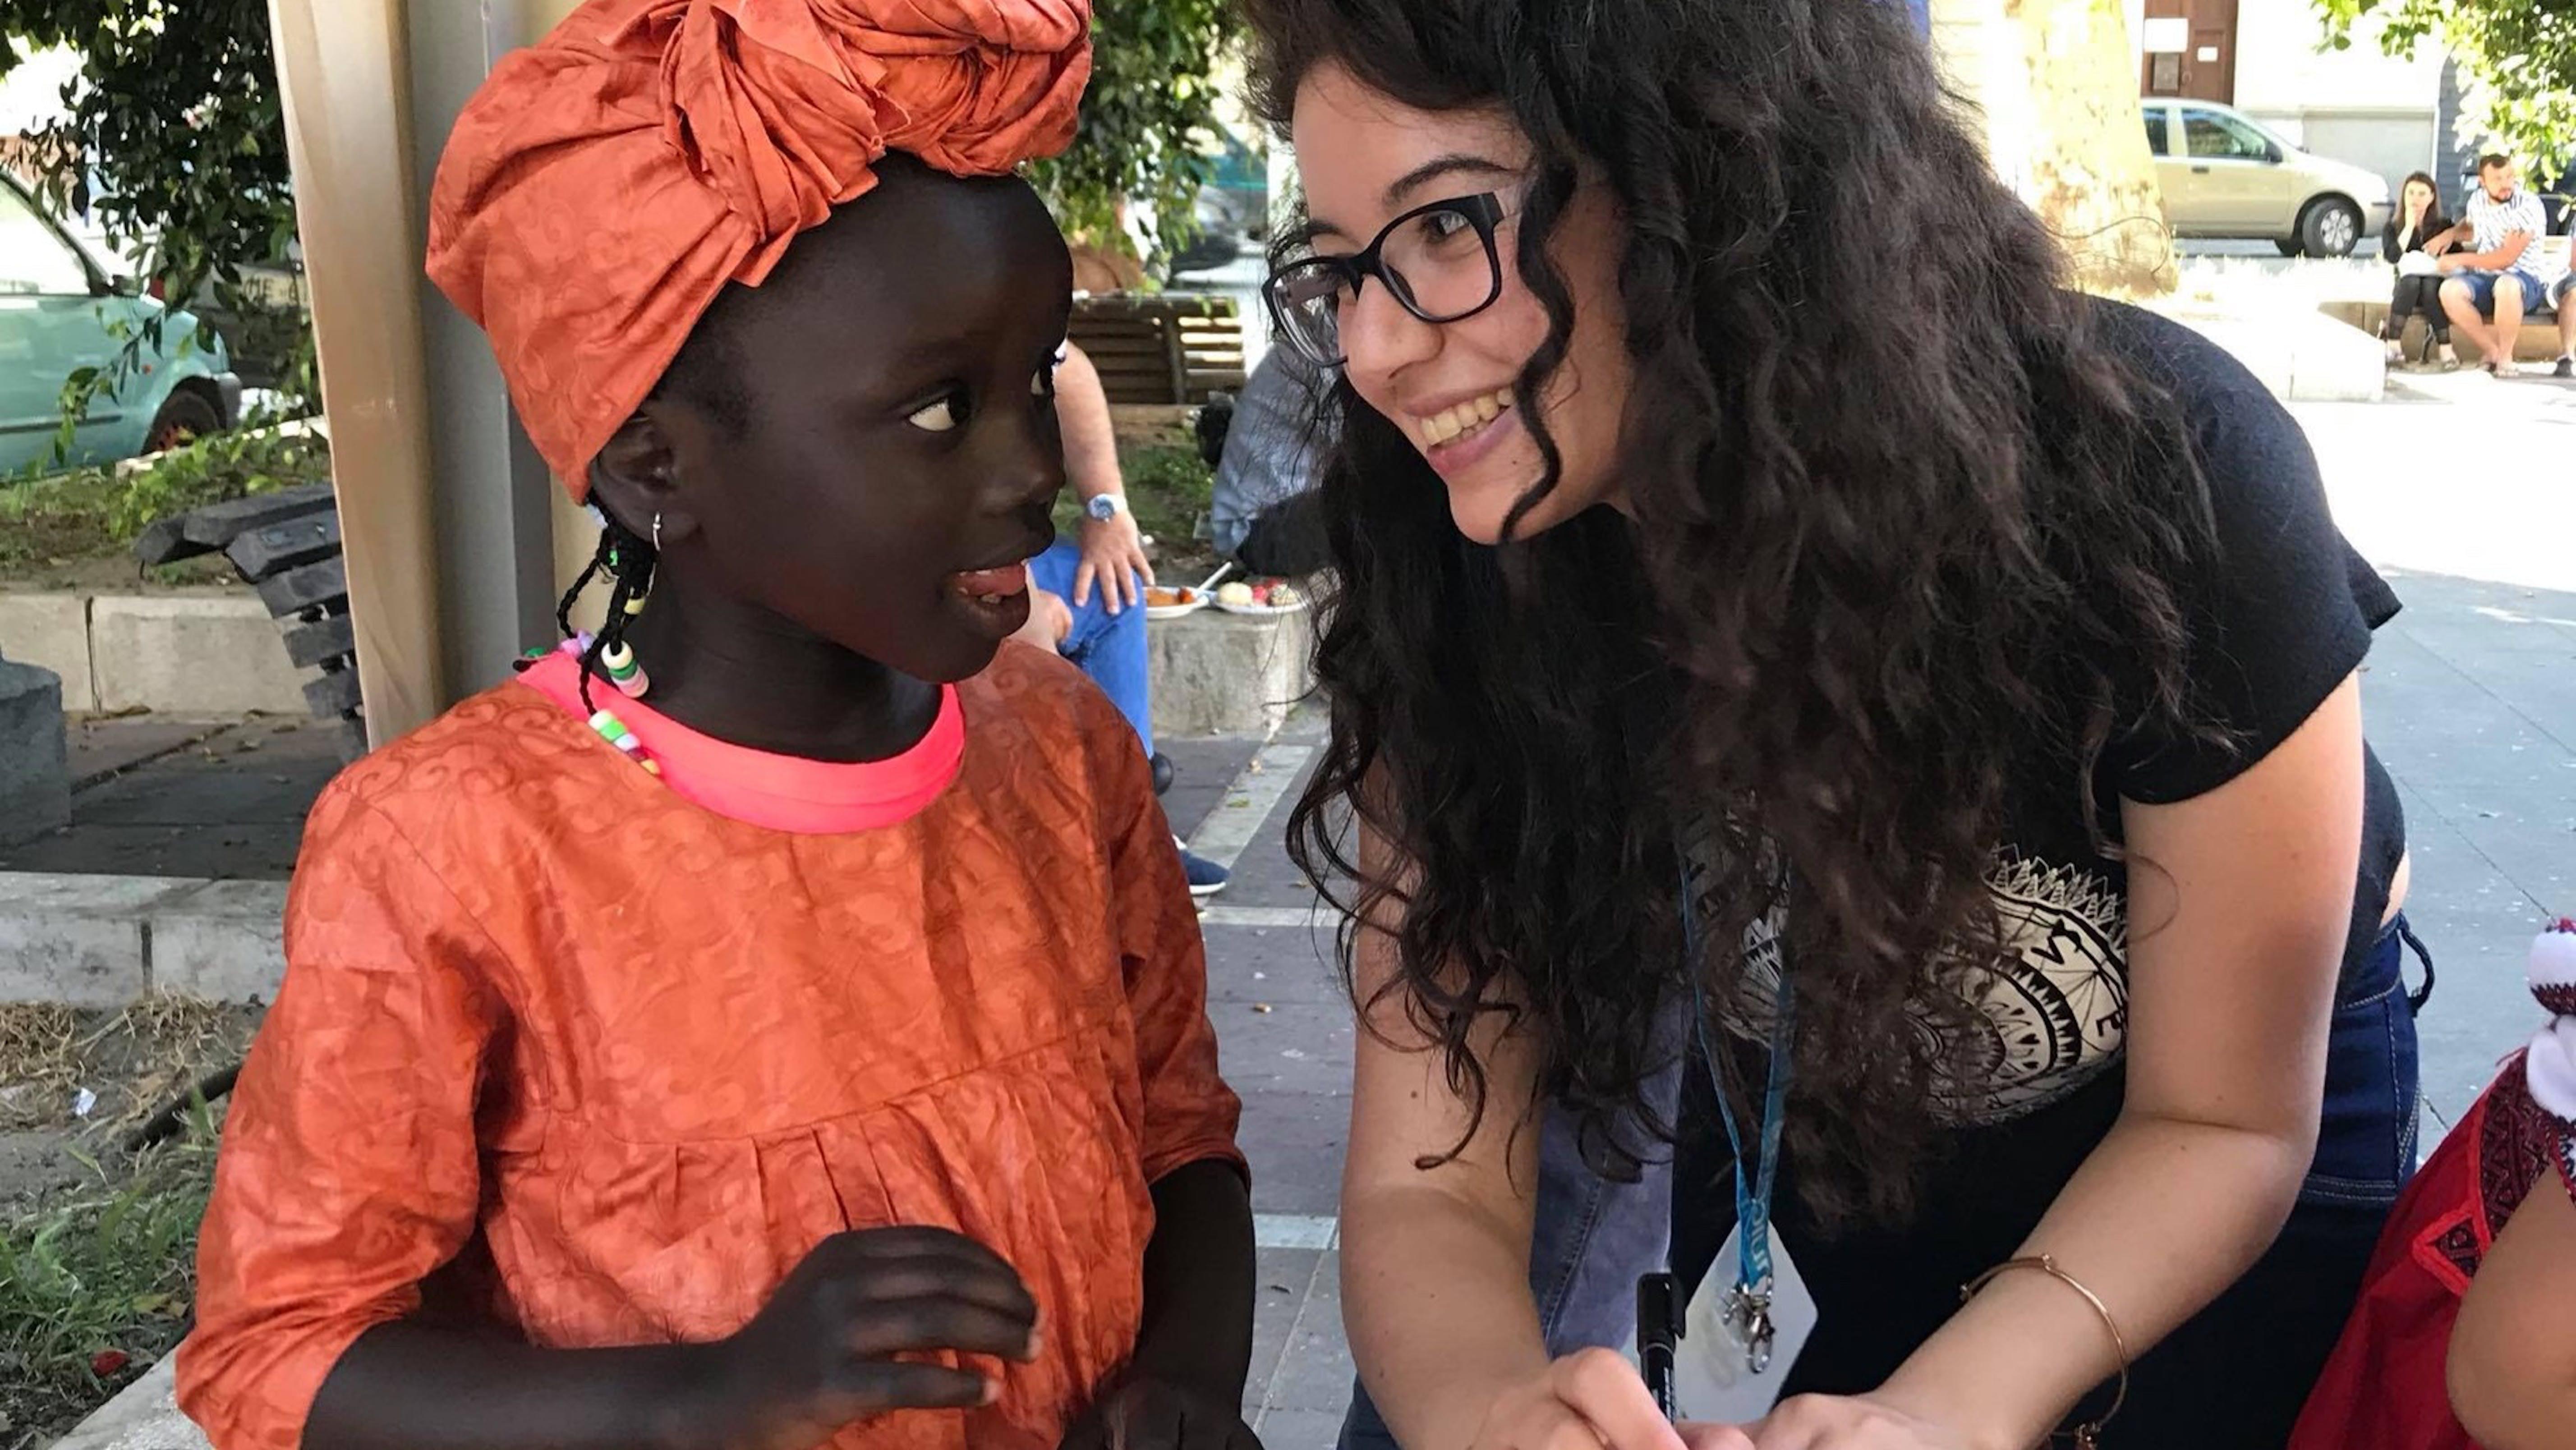 Volontaria YOUNICEF parla con una bambina